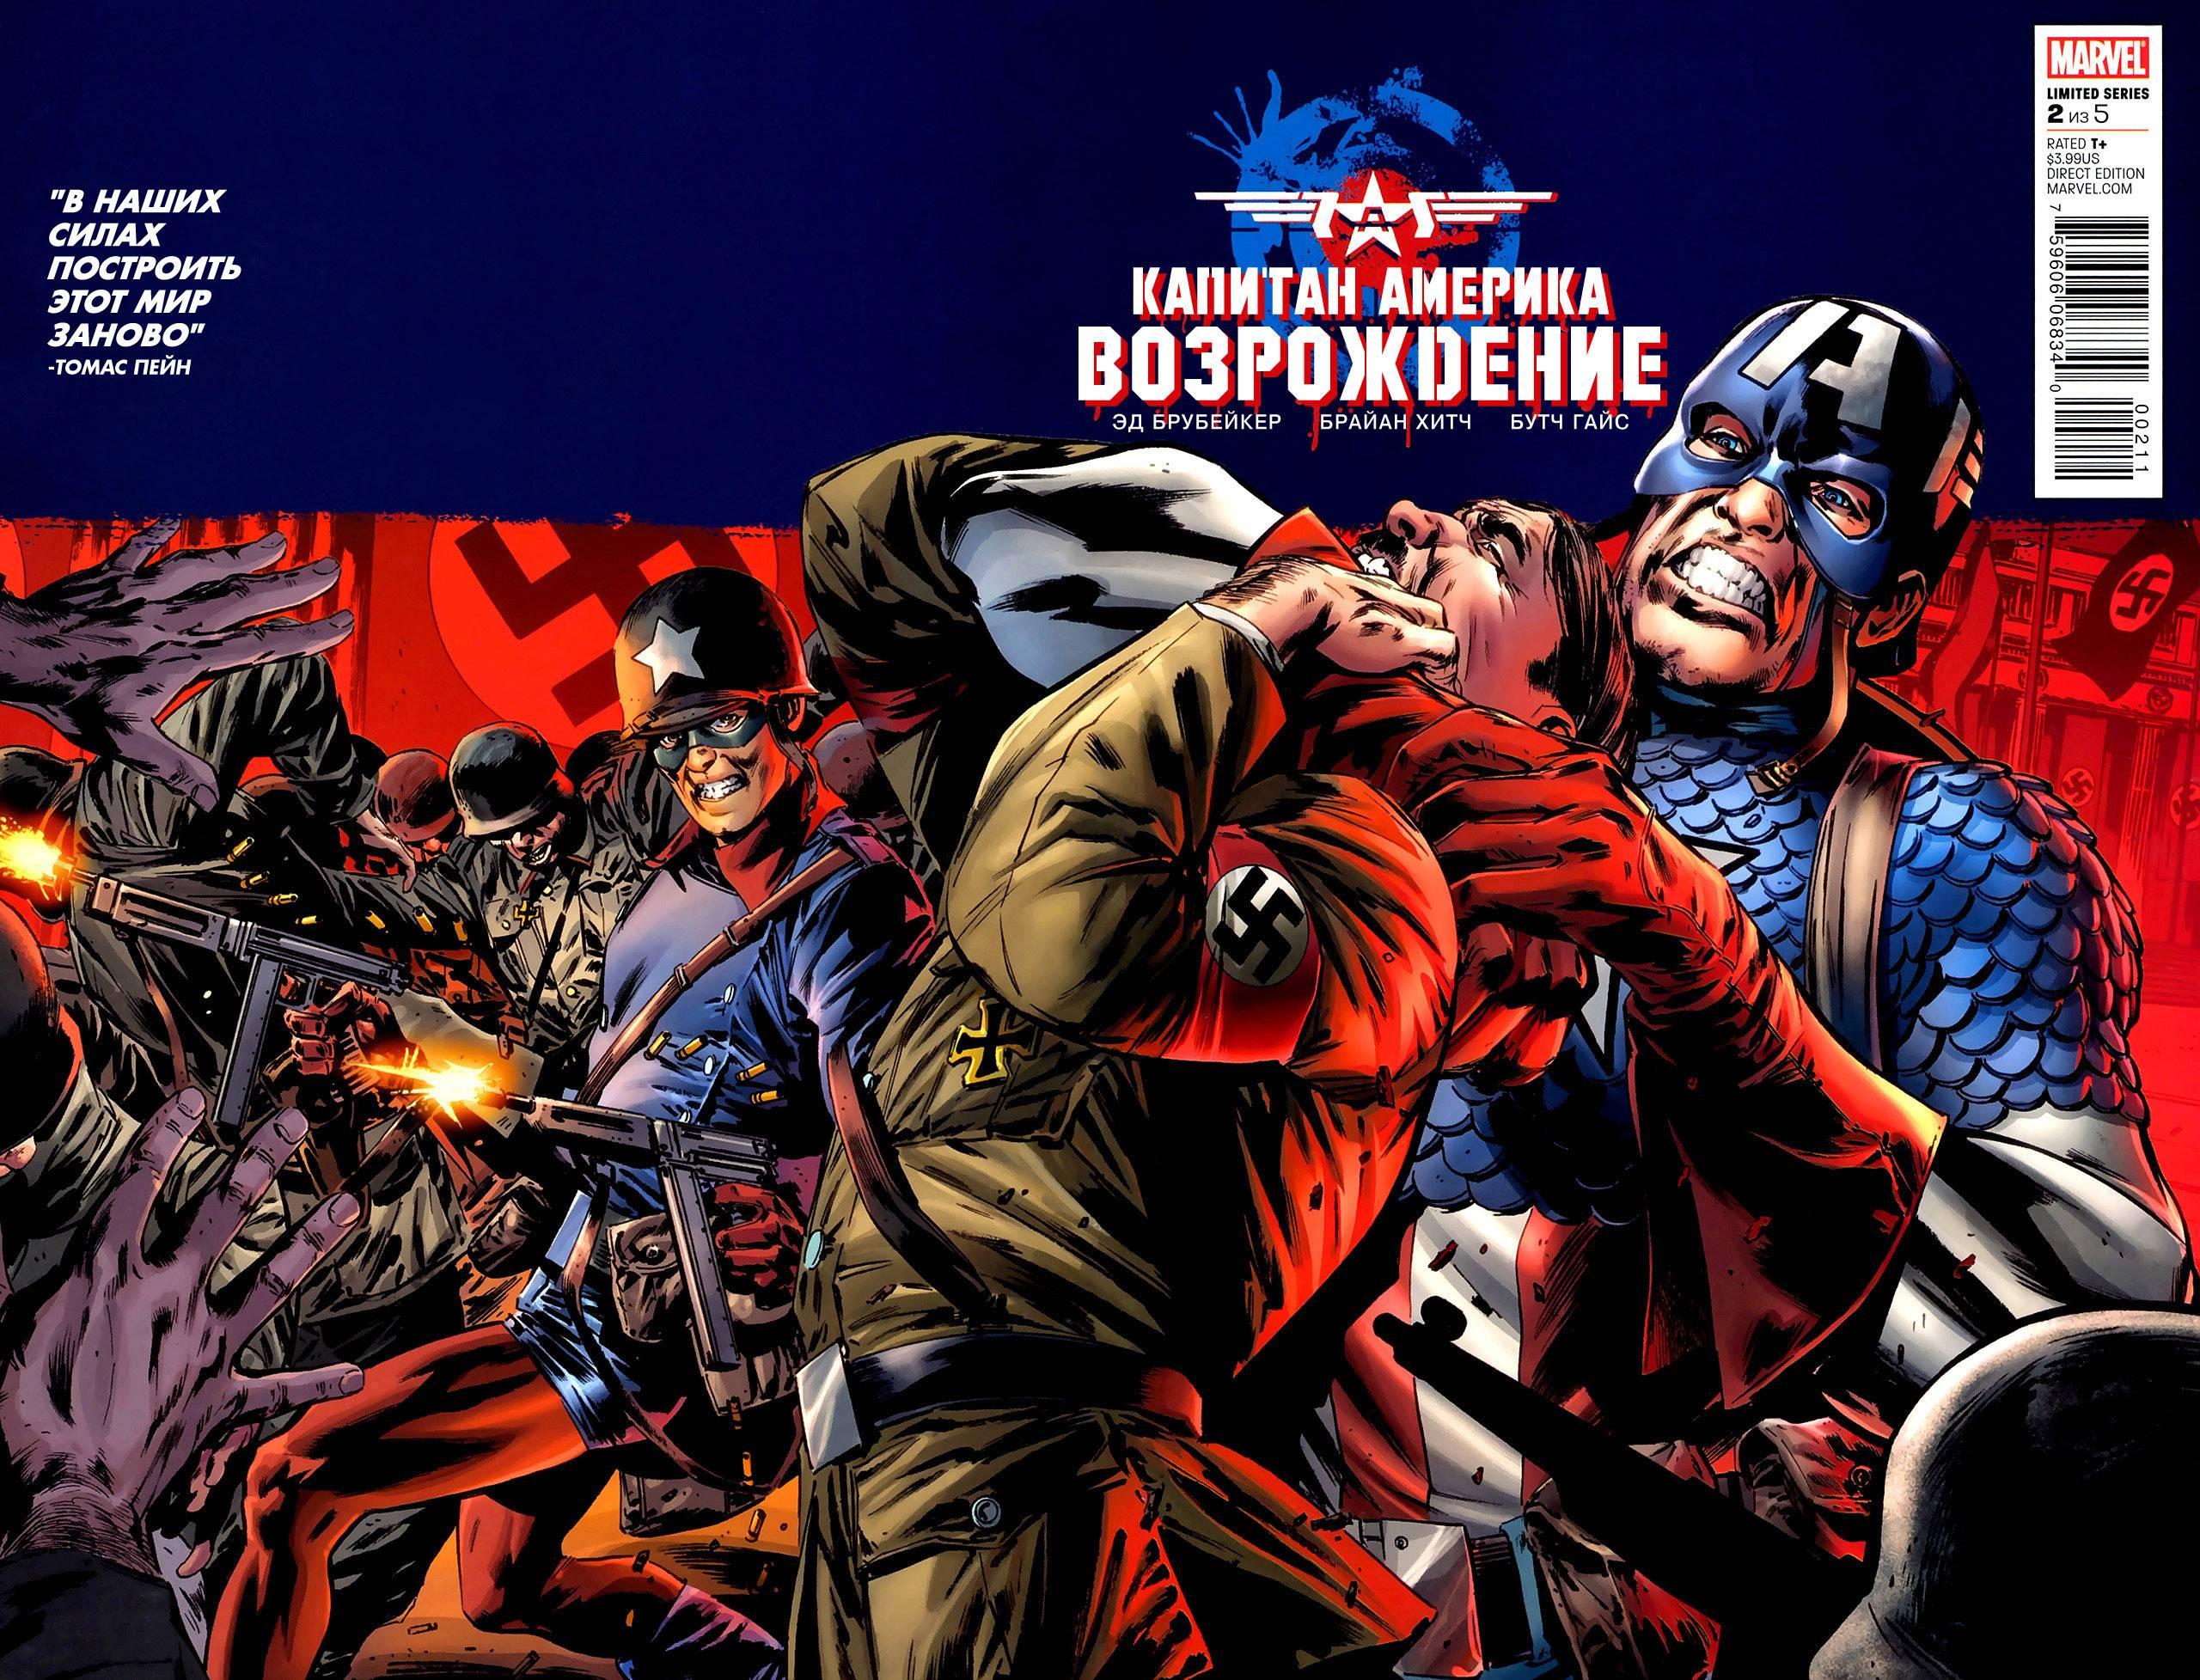 Капитан Америка: Возрождение №2 онлайн